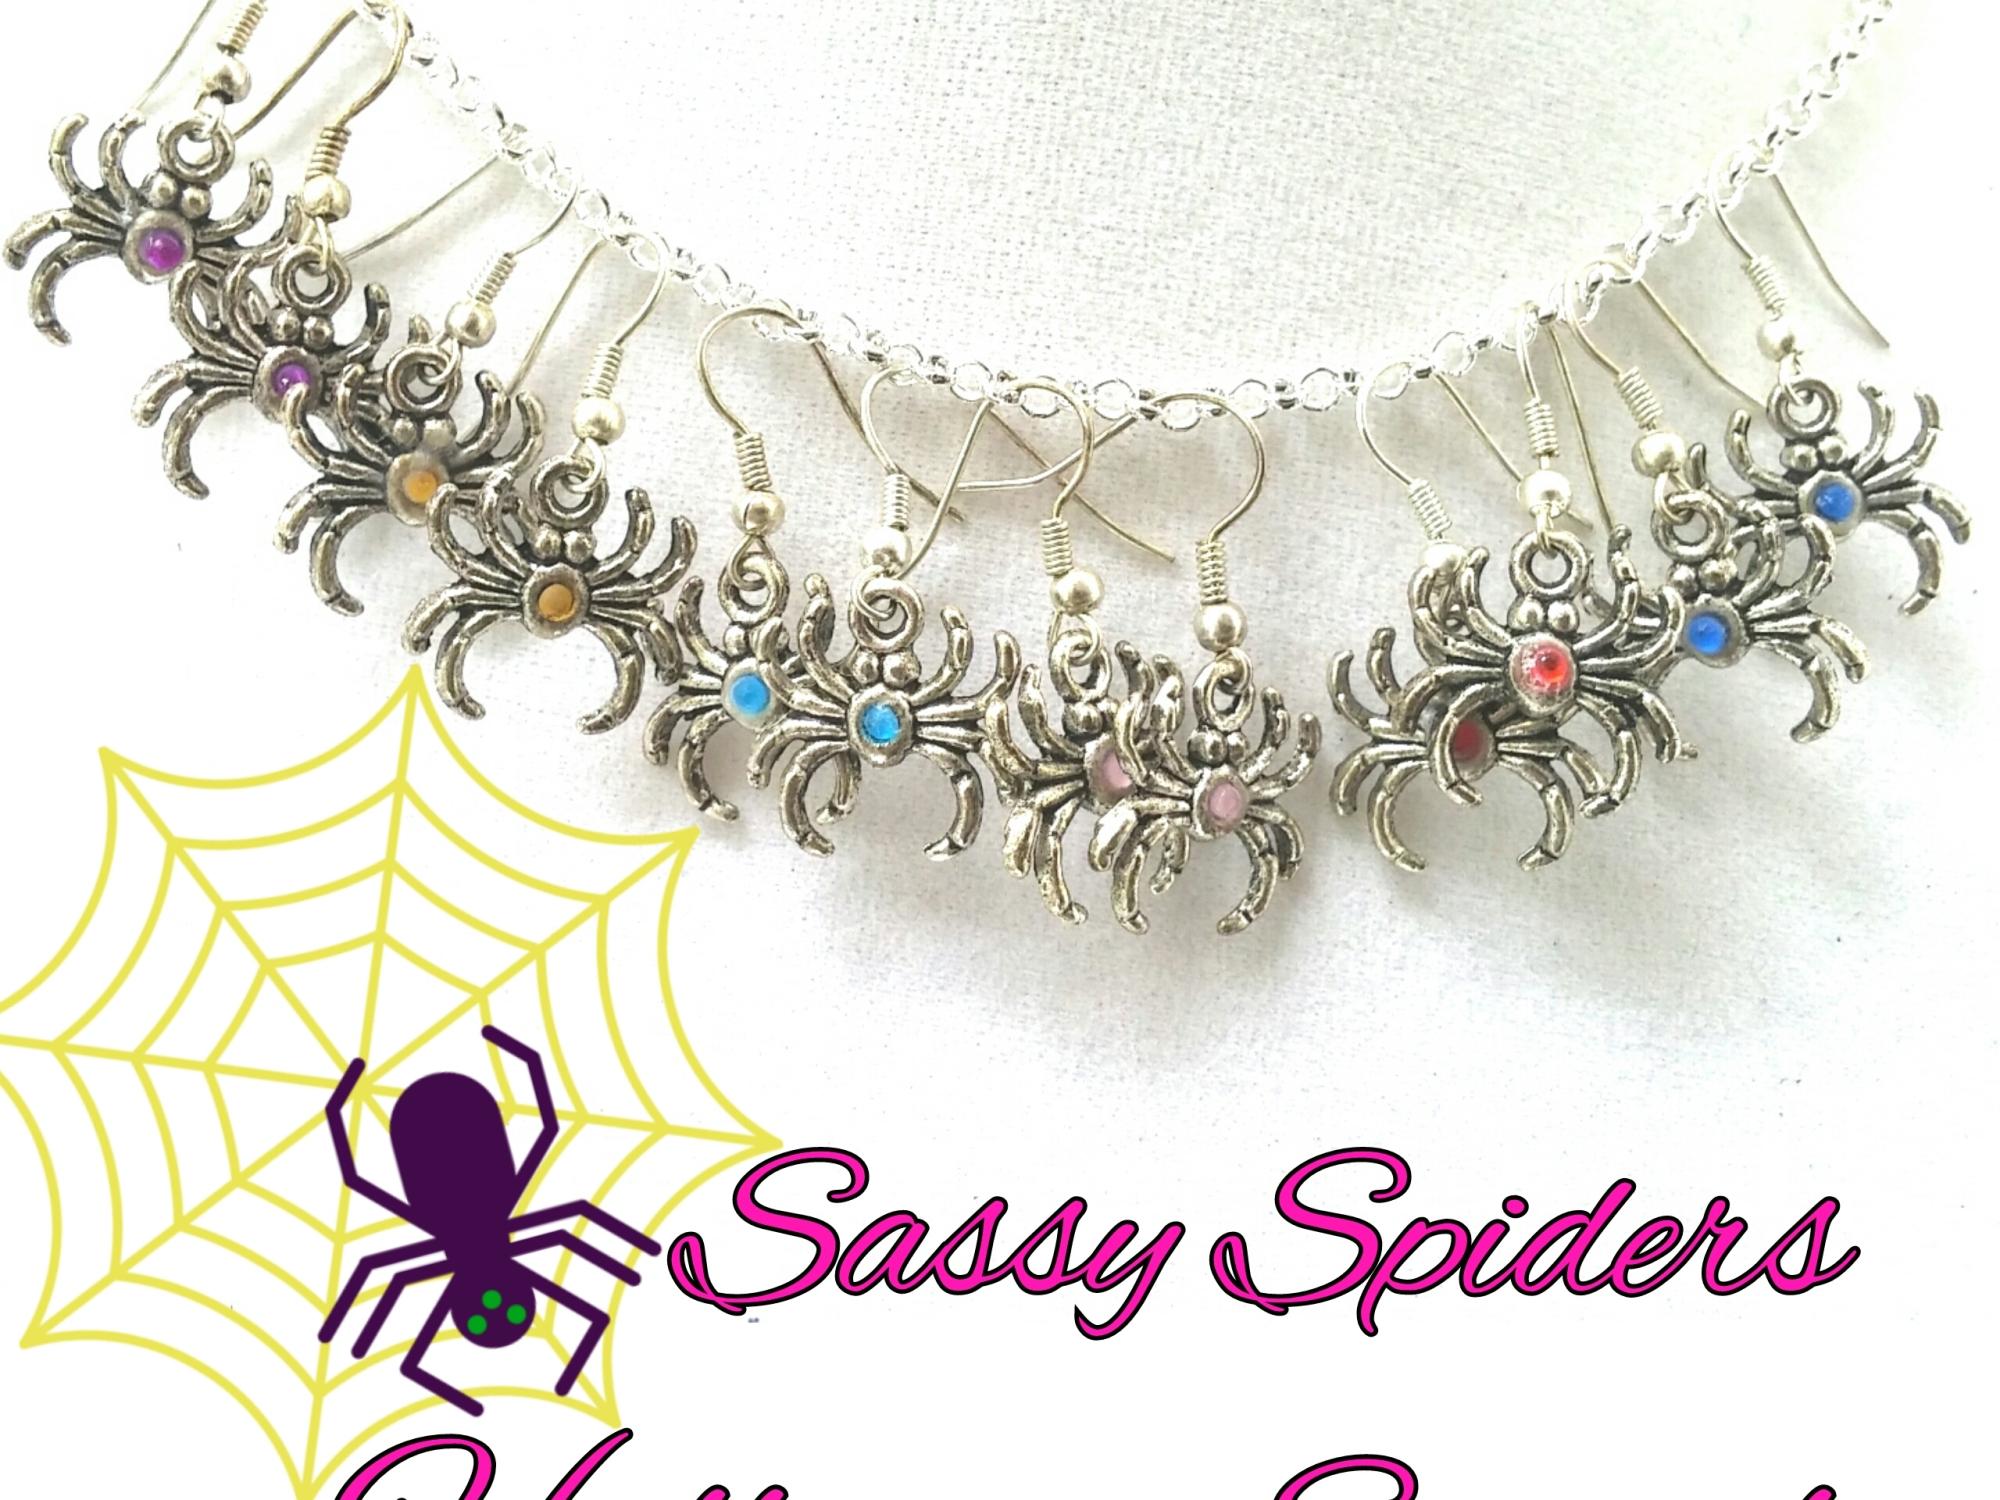 Spider Jewelry, Halloween Jewelry, Punk Jewelry, Goth Jewelry, Fantasy Jewelry, Trendy Jewelry, Trendy Fashion Jewelry, Cheap Fashion Jewelry, Fashion Jewelry Online